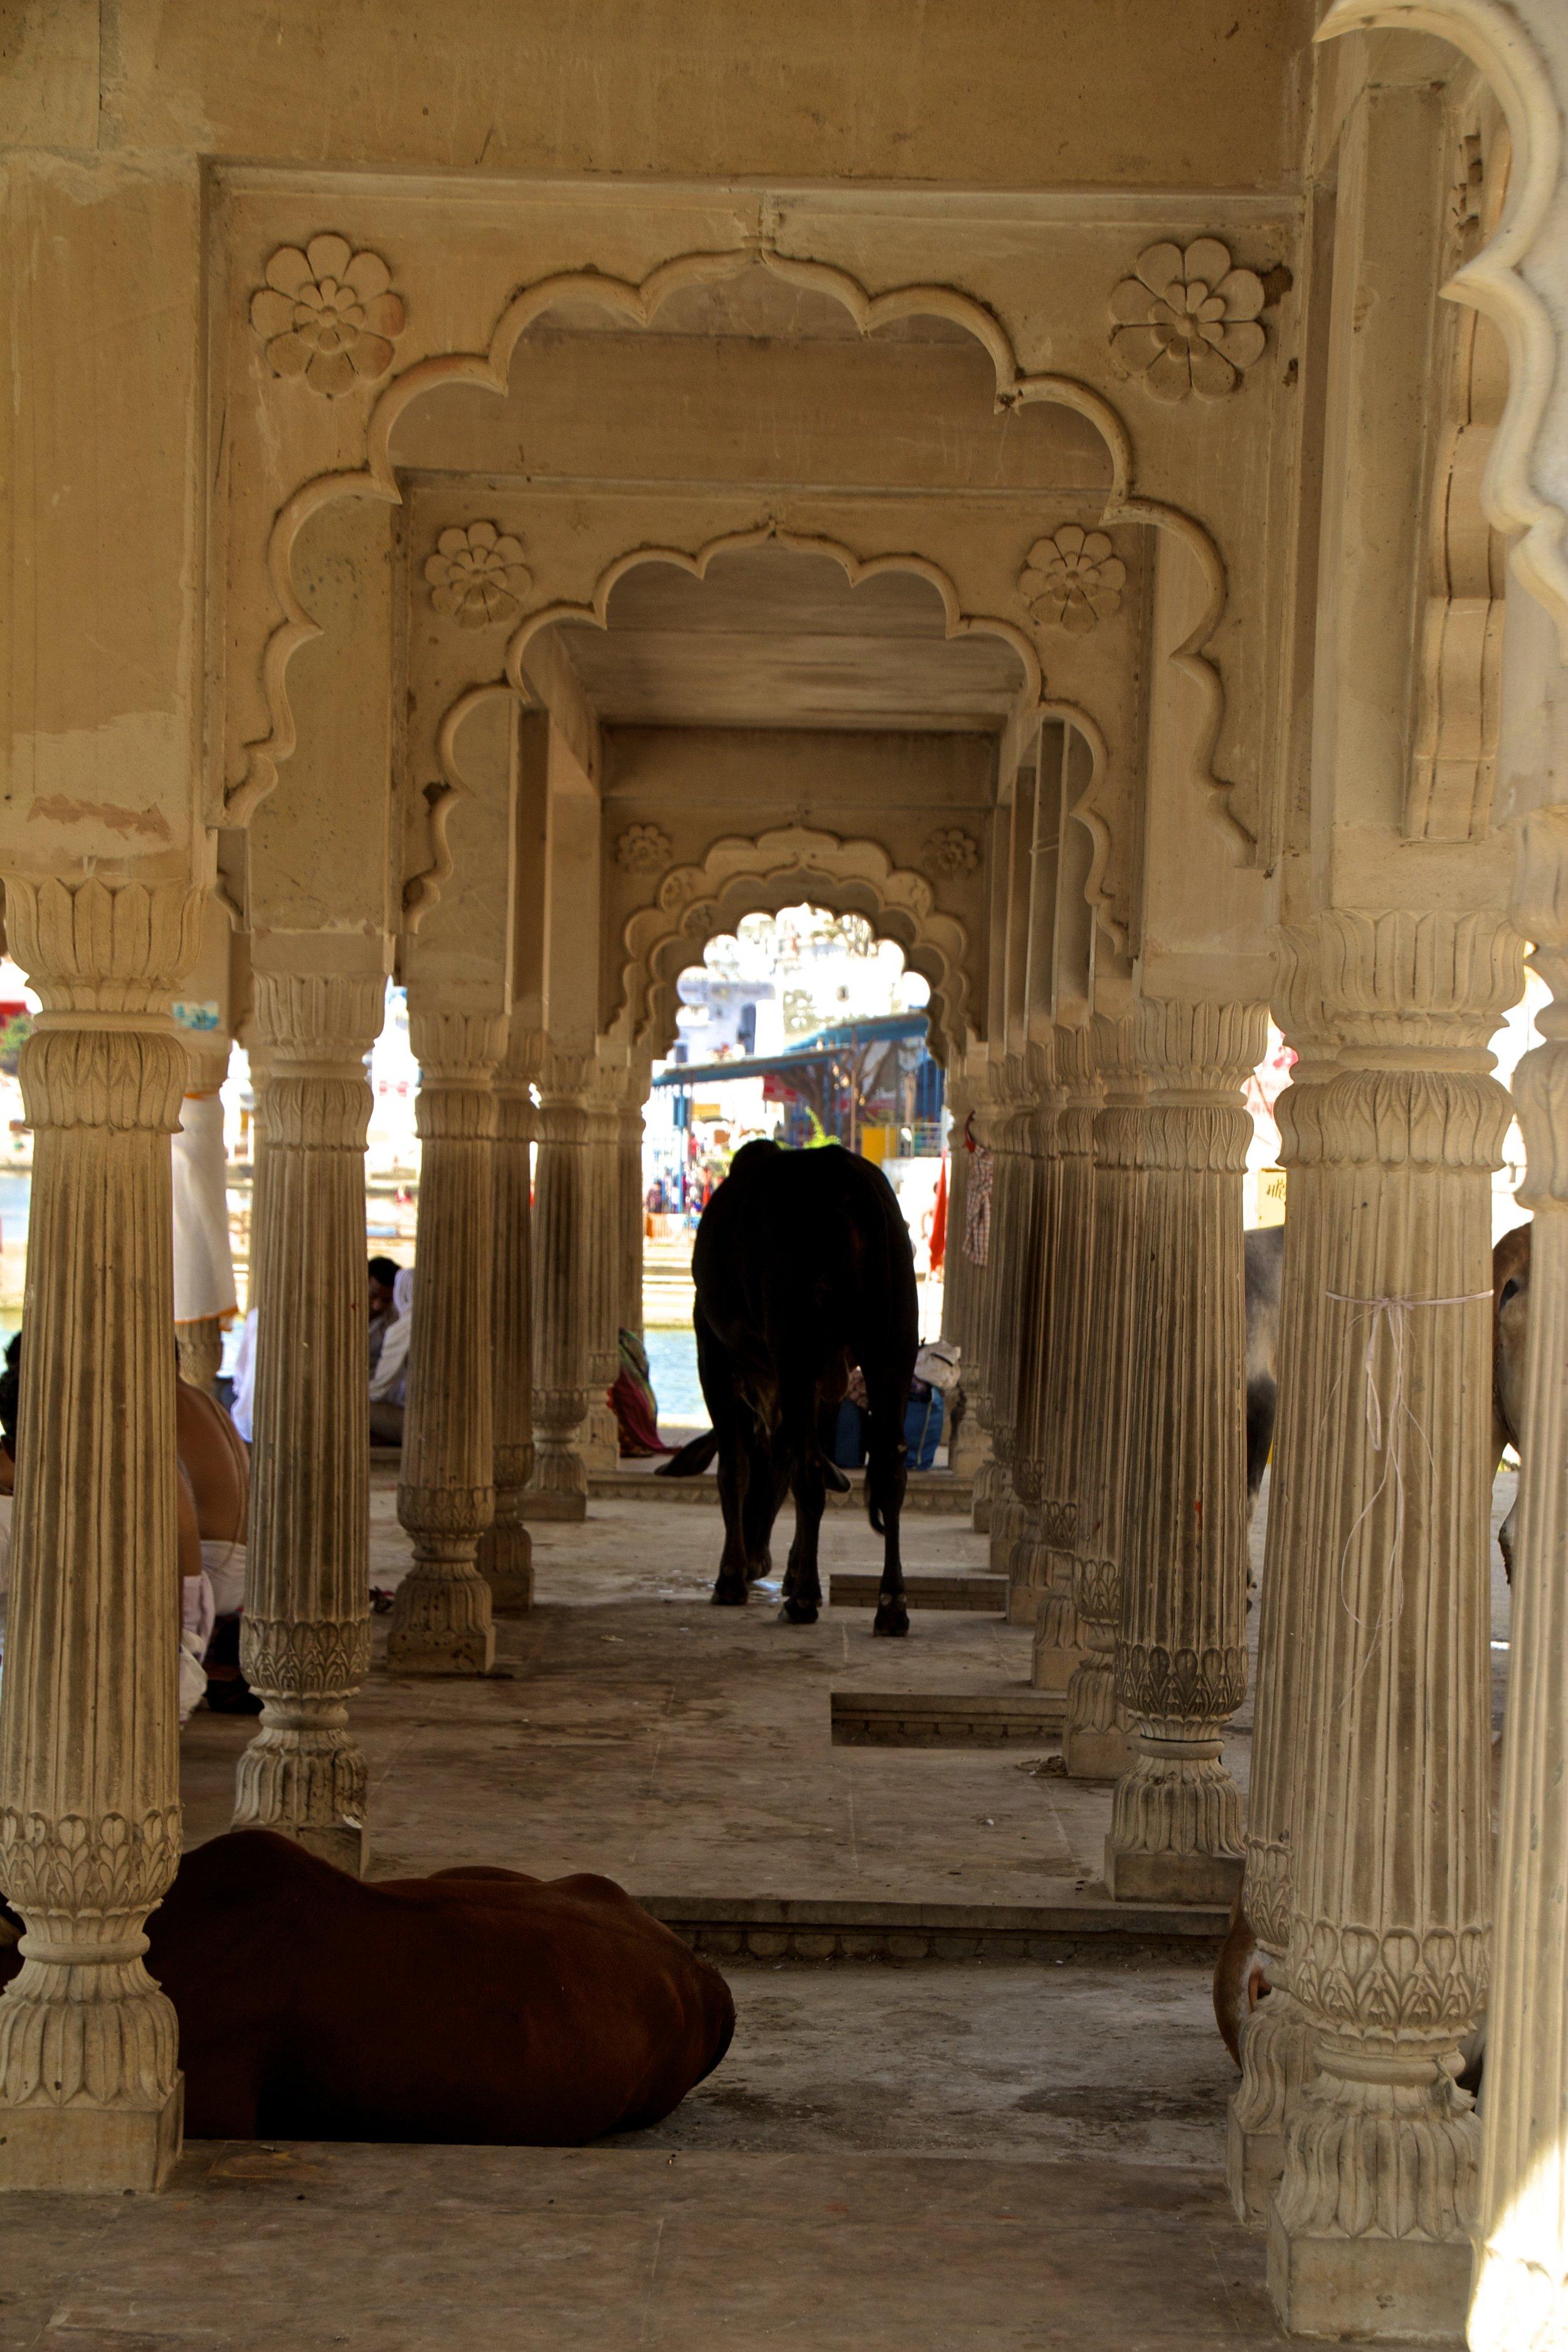 pushkar rajasthan ghats street photography 18.jpg